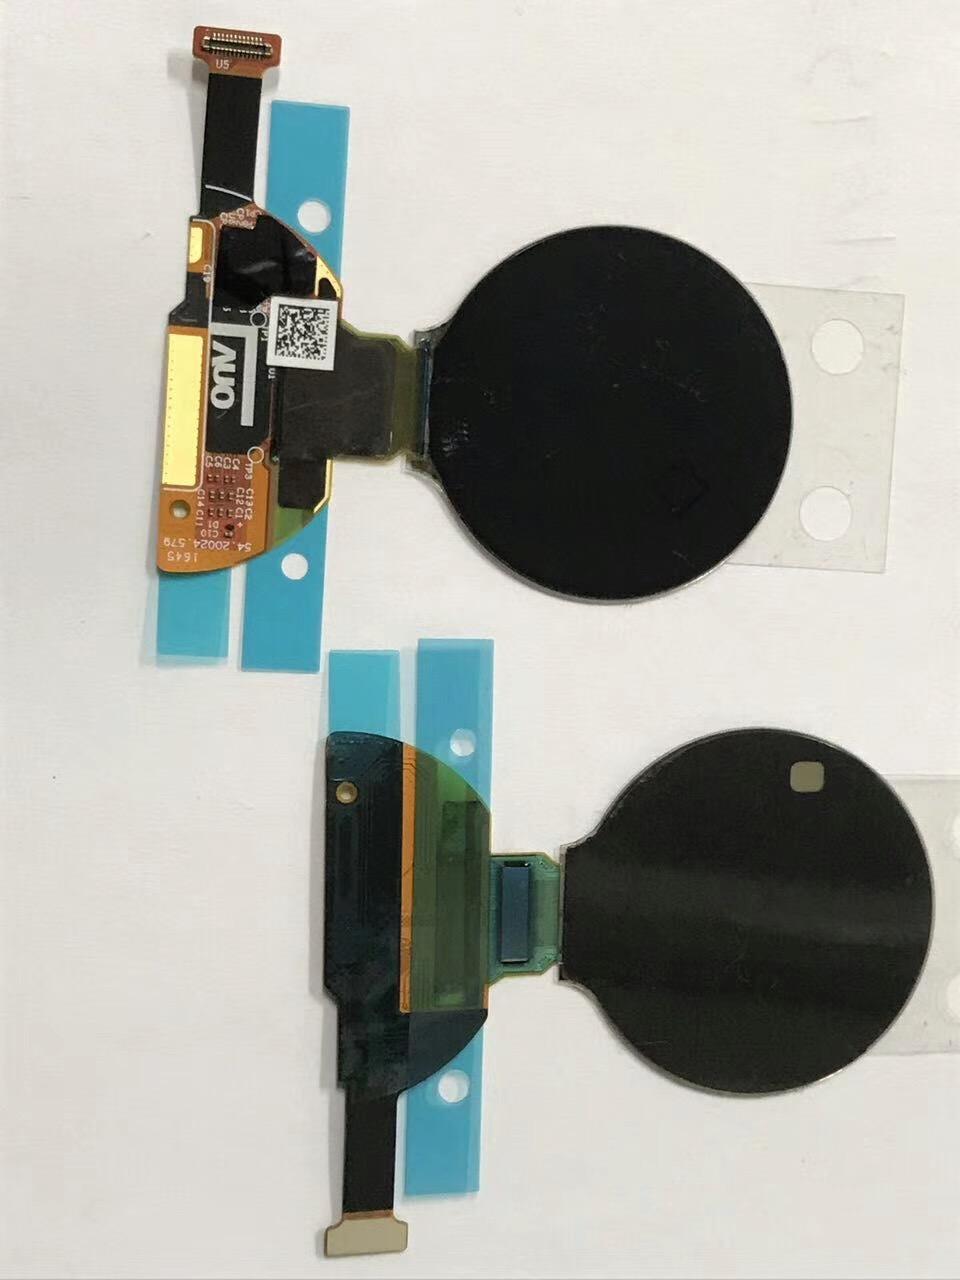 Панель диаметром 1,2 дюйма имеет разрешение 390 x 390 пикселей